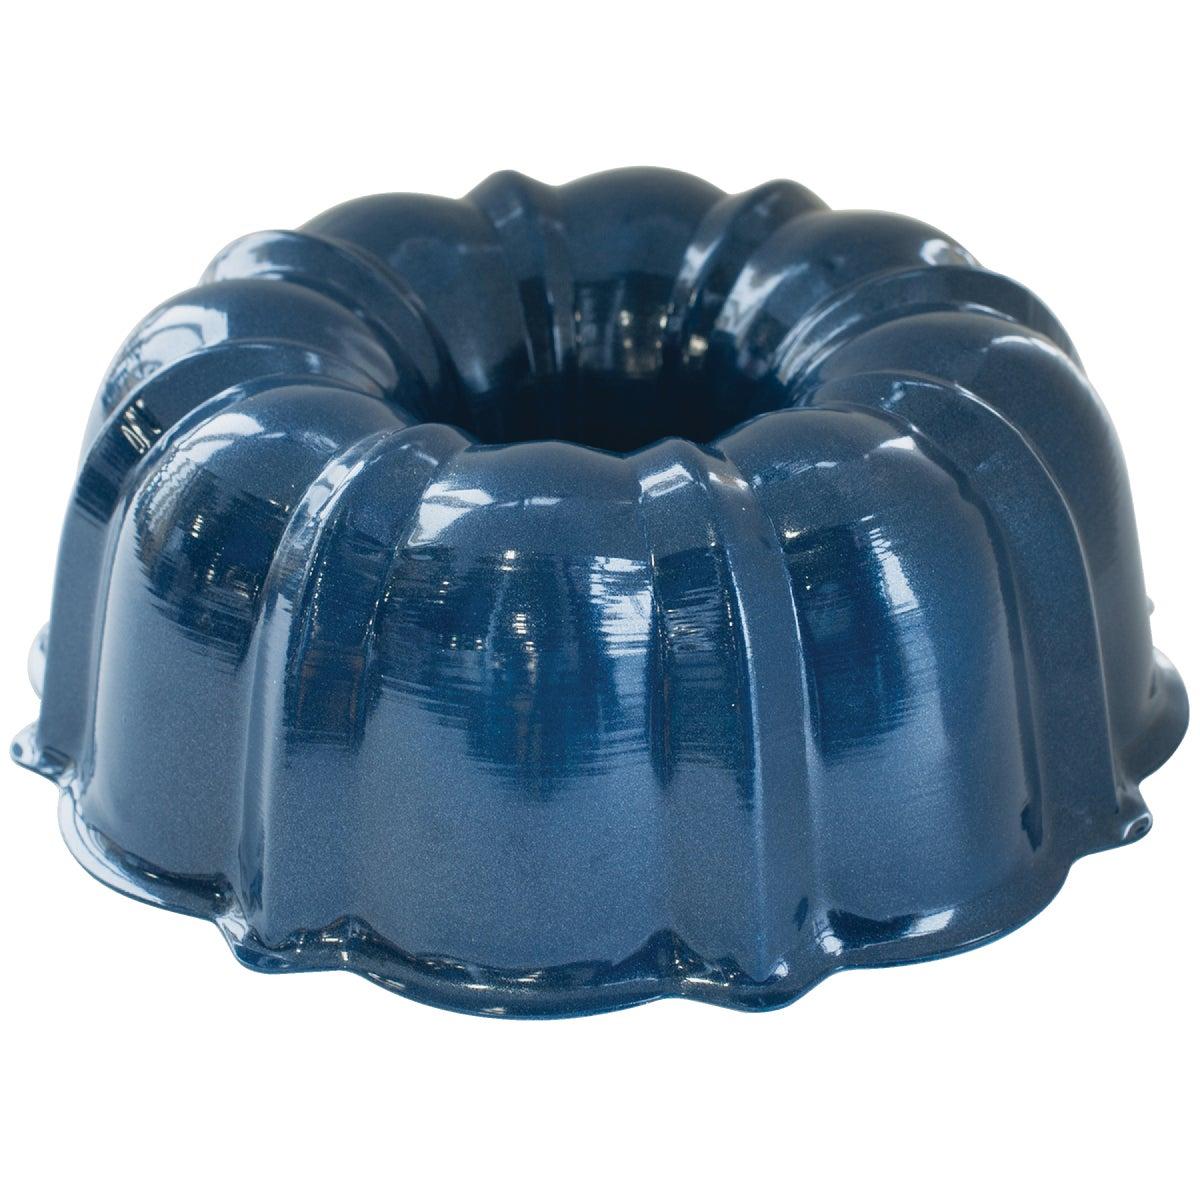 12 CUP BUNDT PAN - 51122 by Nordic Ware/reitenba